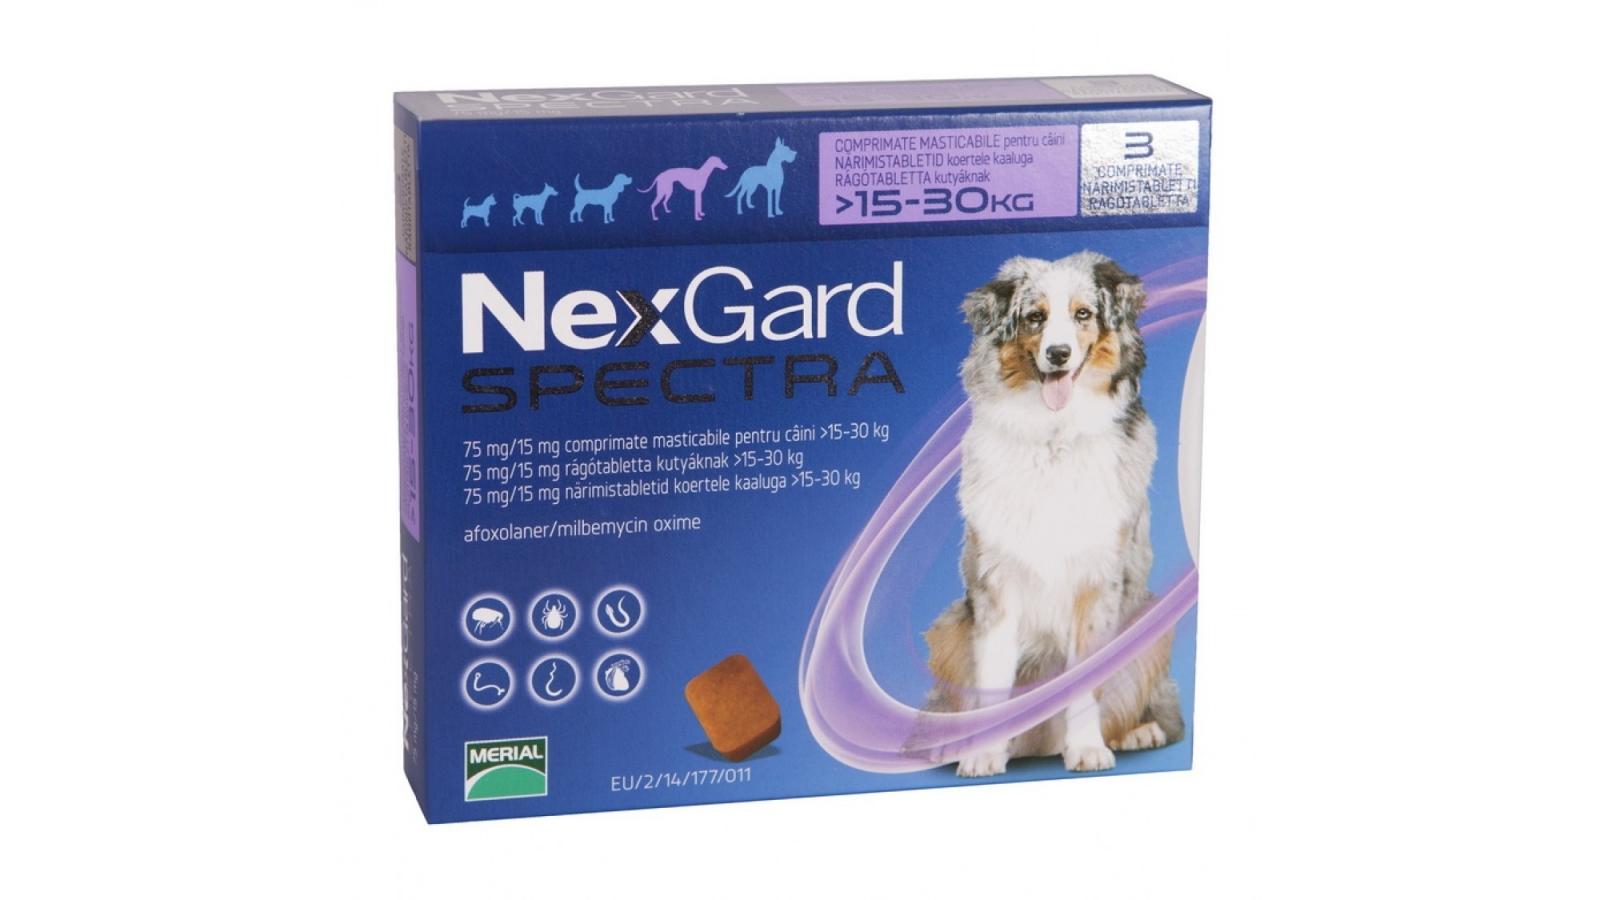 Nexgard Spectra Caine L 15-30 kg Kg x 1 Tableta shop4pet.ro